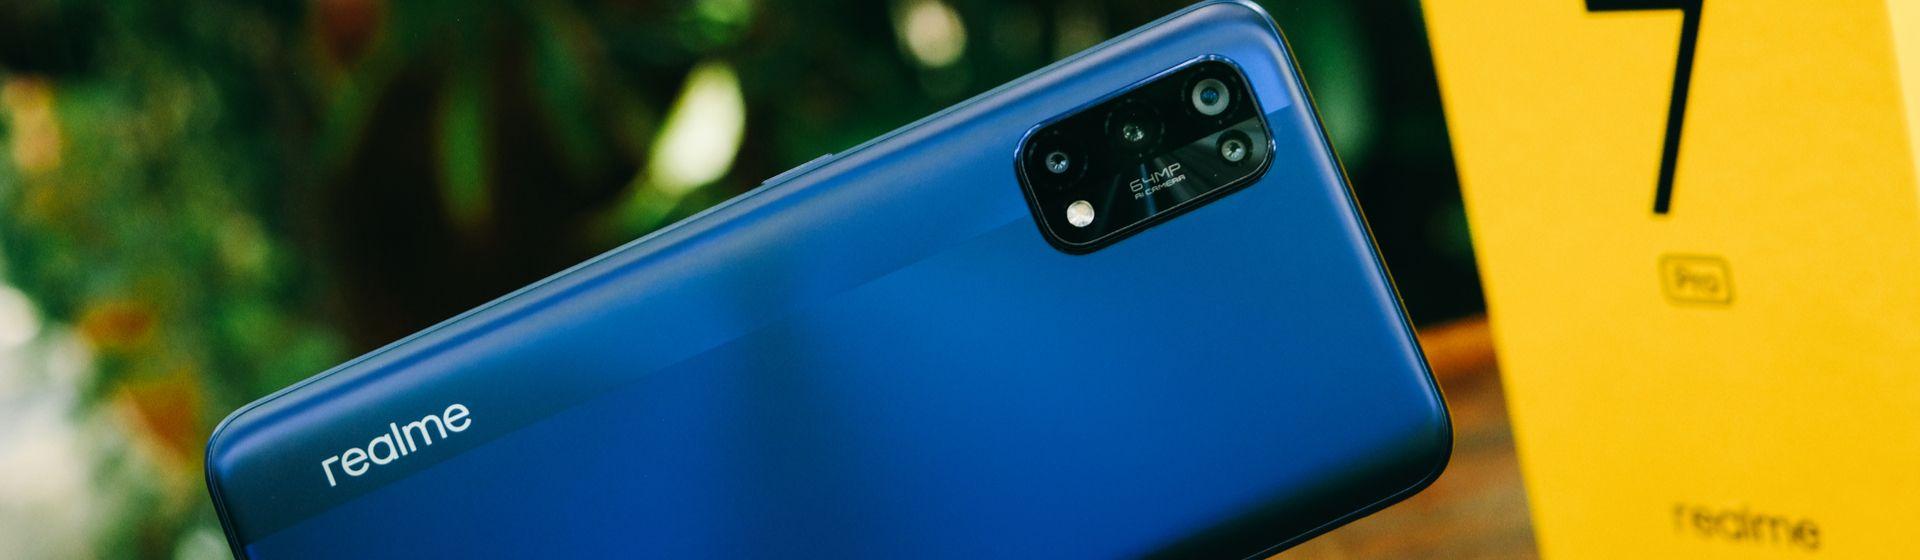 Celular Realme: veja a lista de melhores opções para comprar